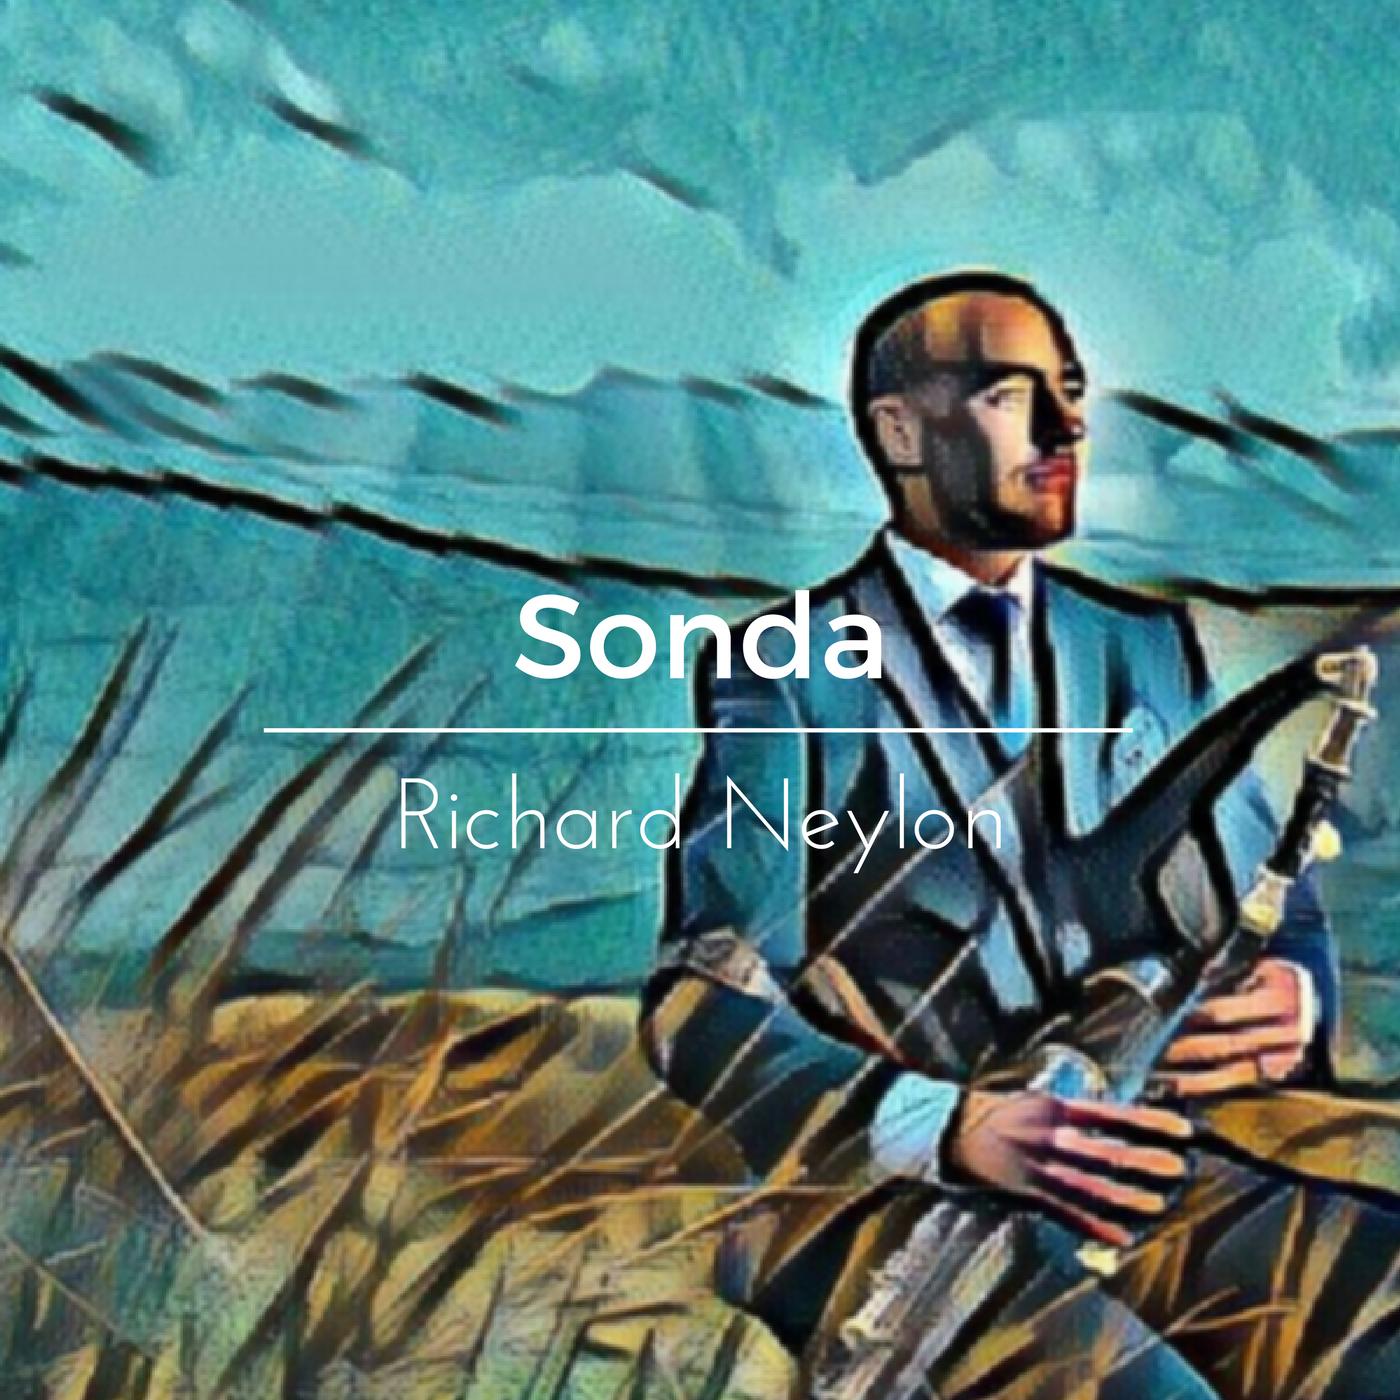 Sonda - The album